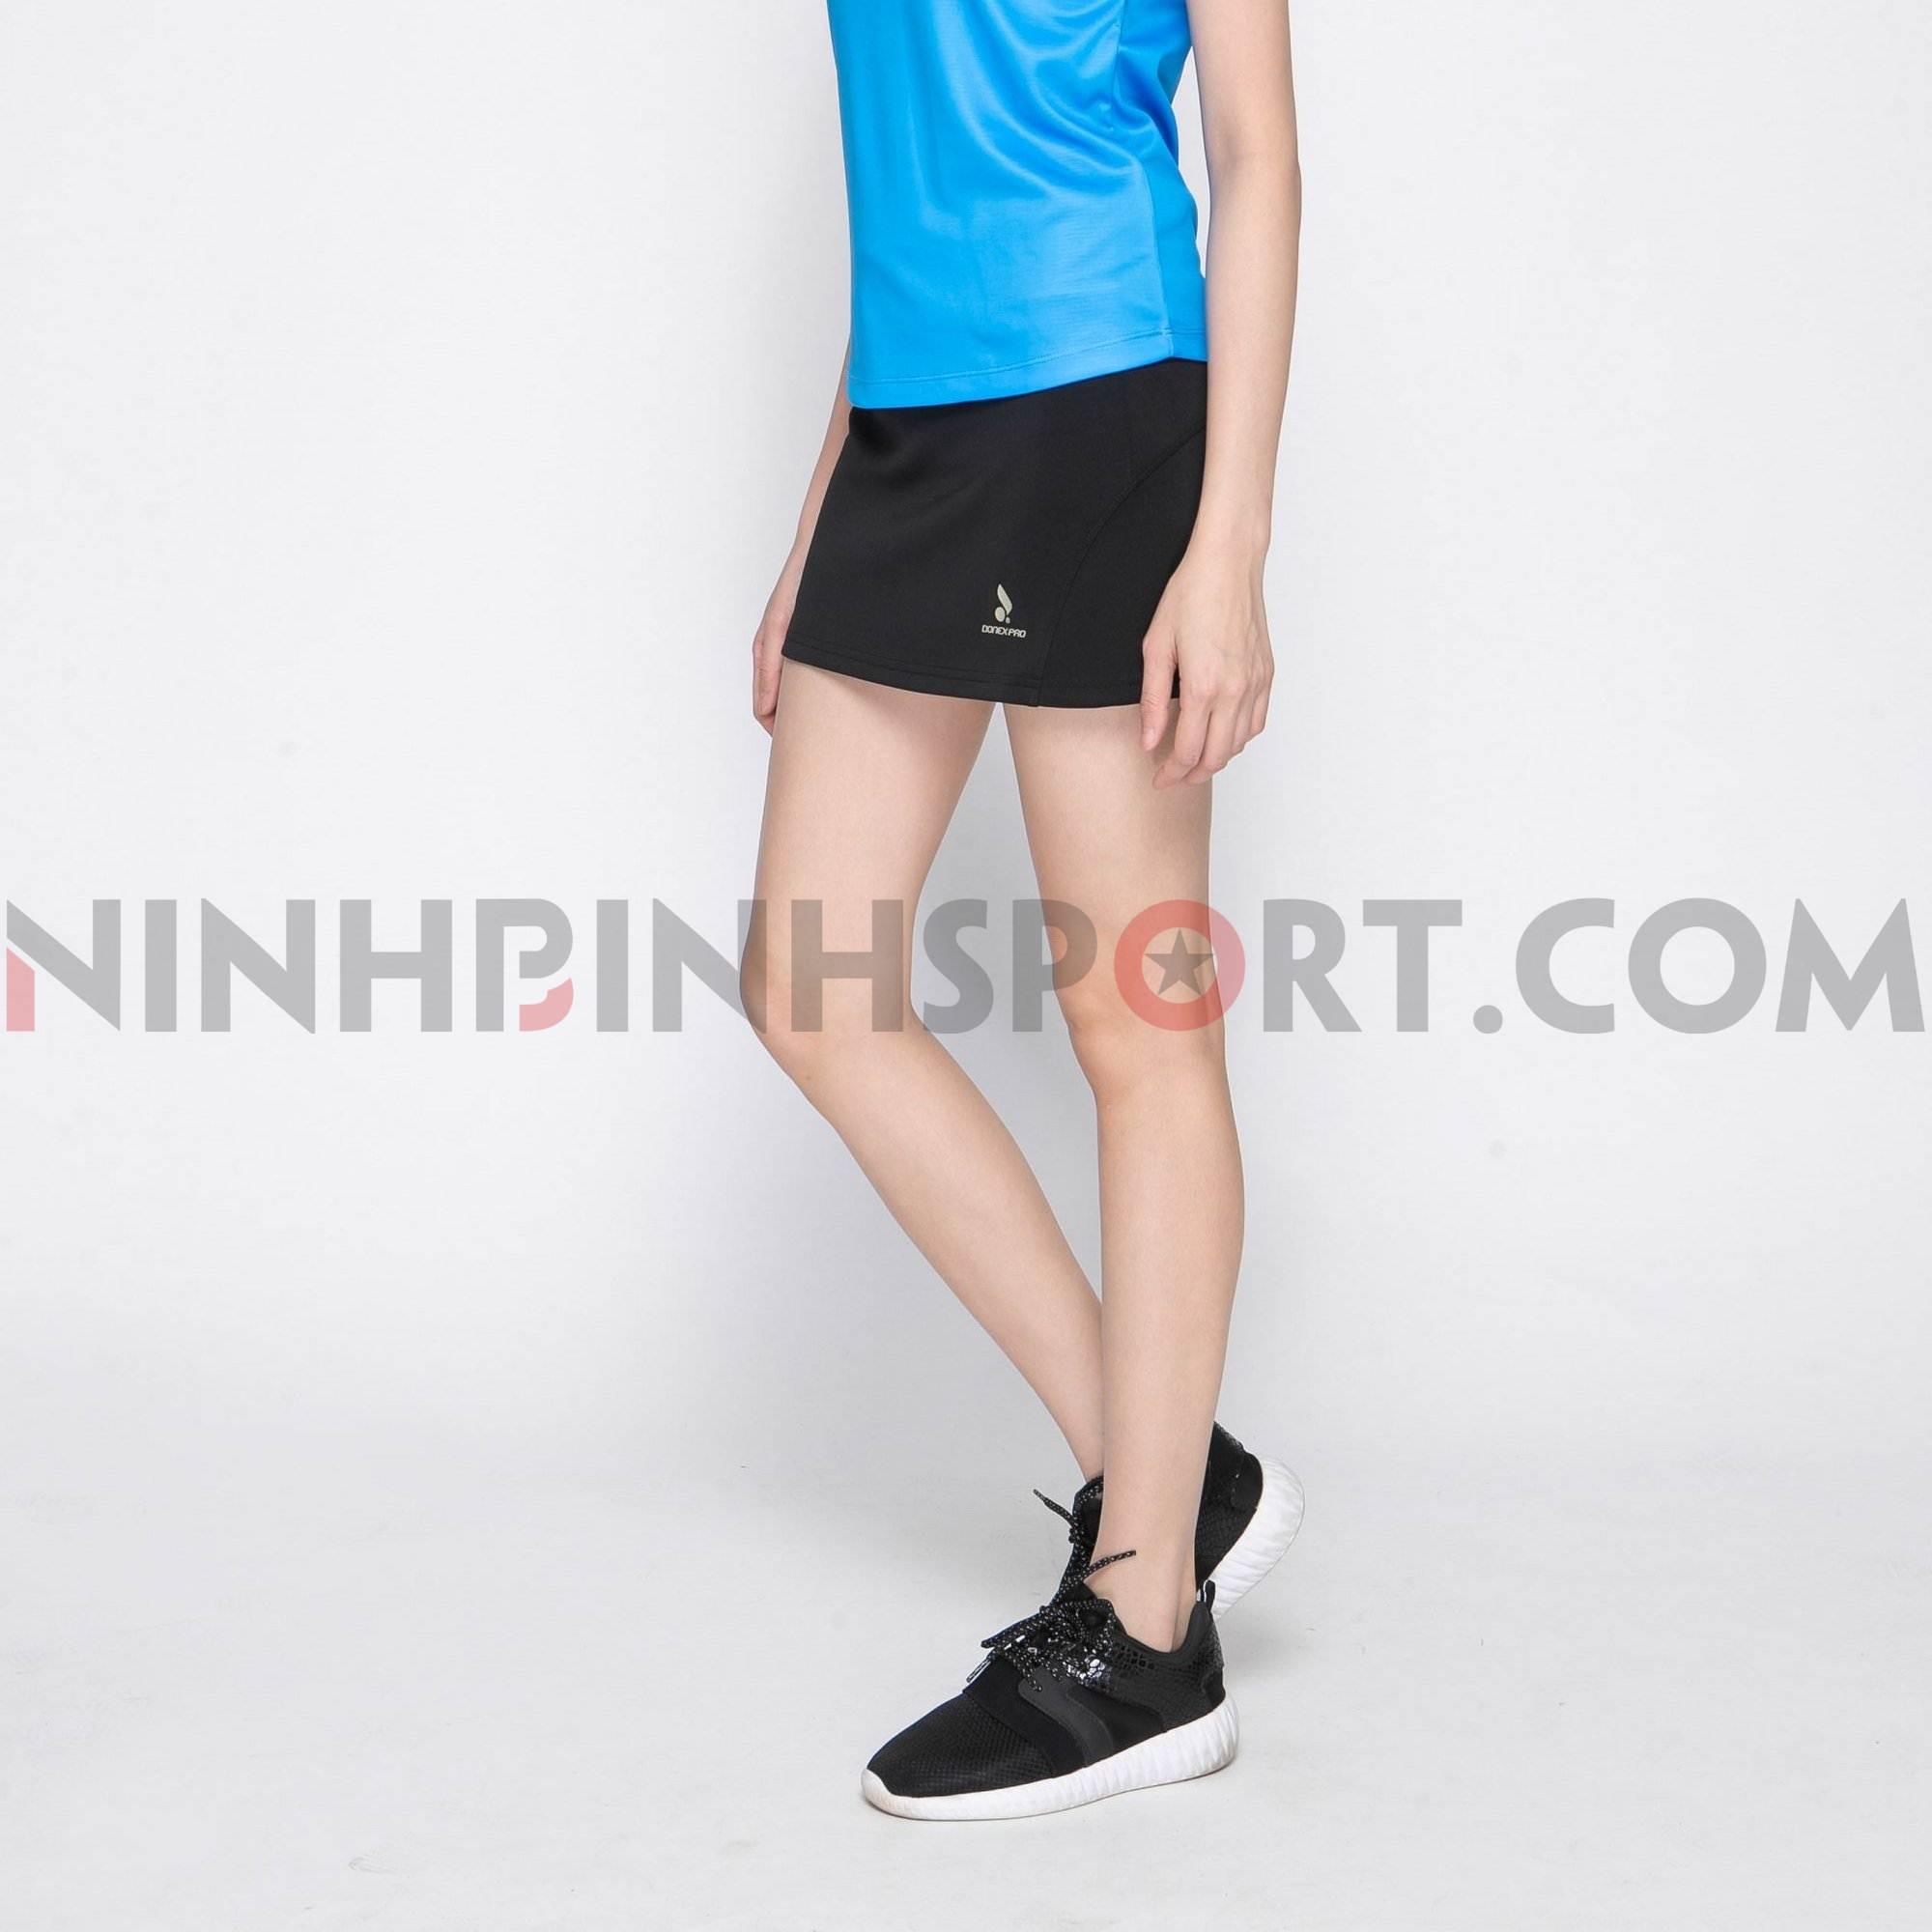 Quần váy thể thao nữ Donex ASC-842-08-05